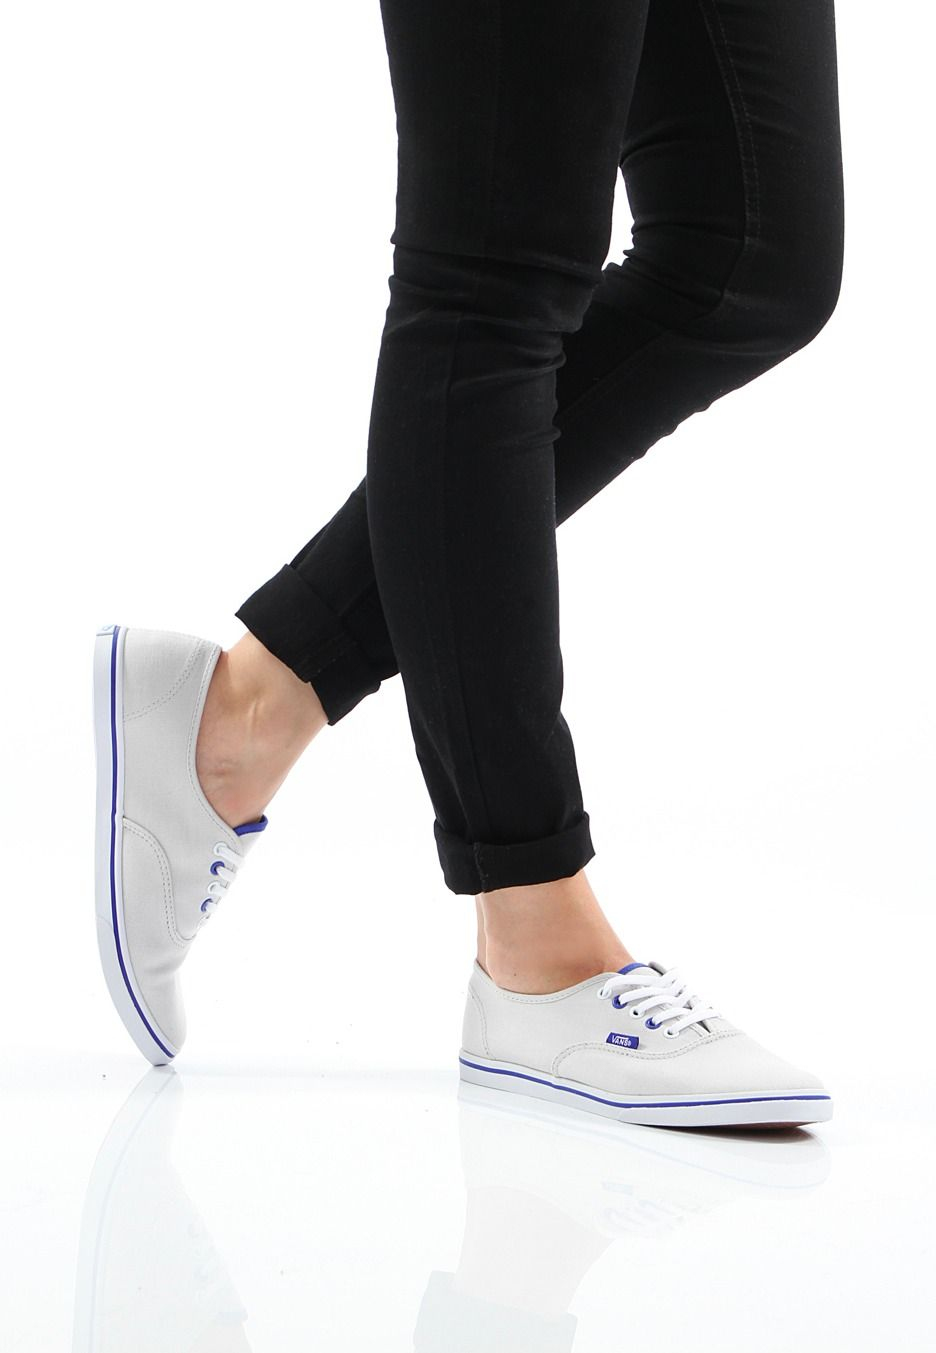 099f1f8ae1 Want em- Vans - Authentic Lo Pro Lunar Rock True White - Girl Shoes ...